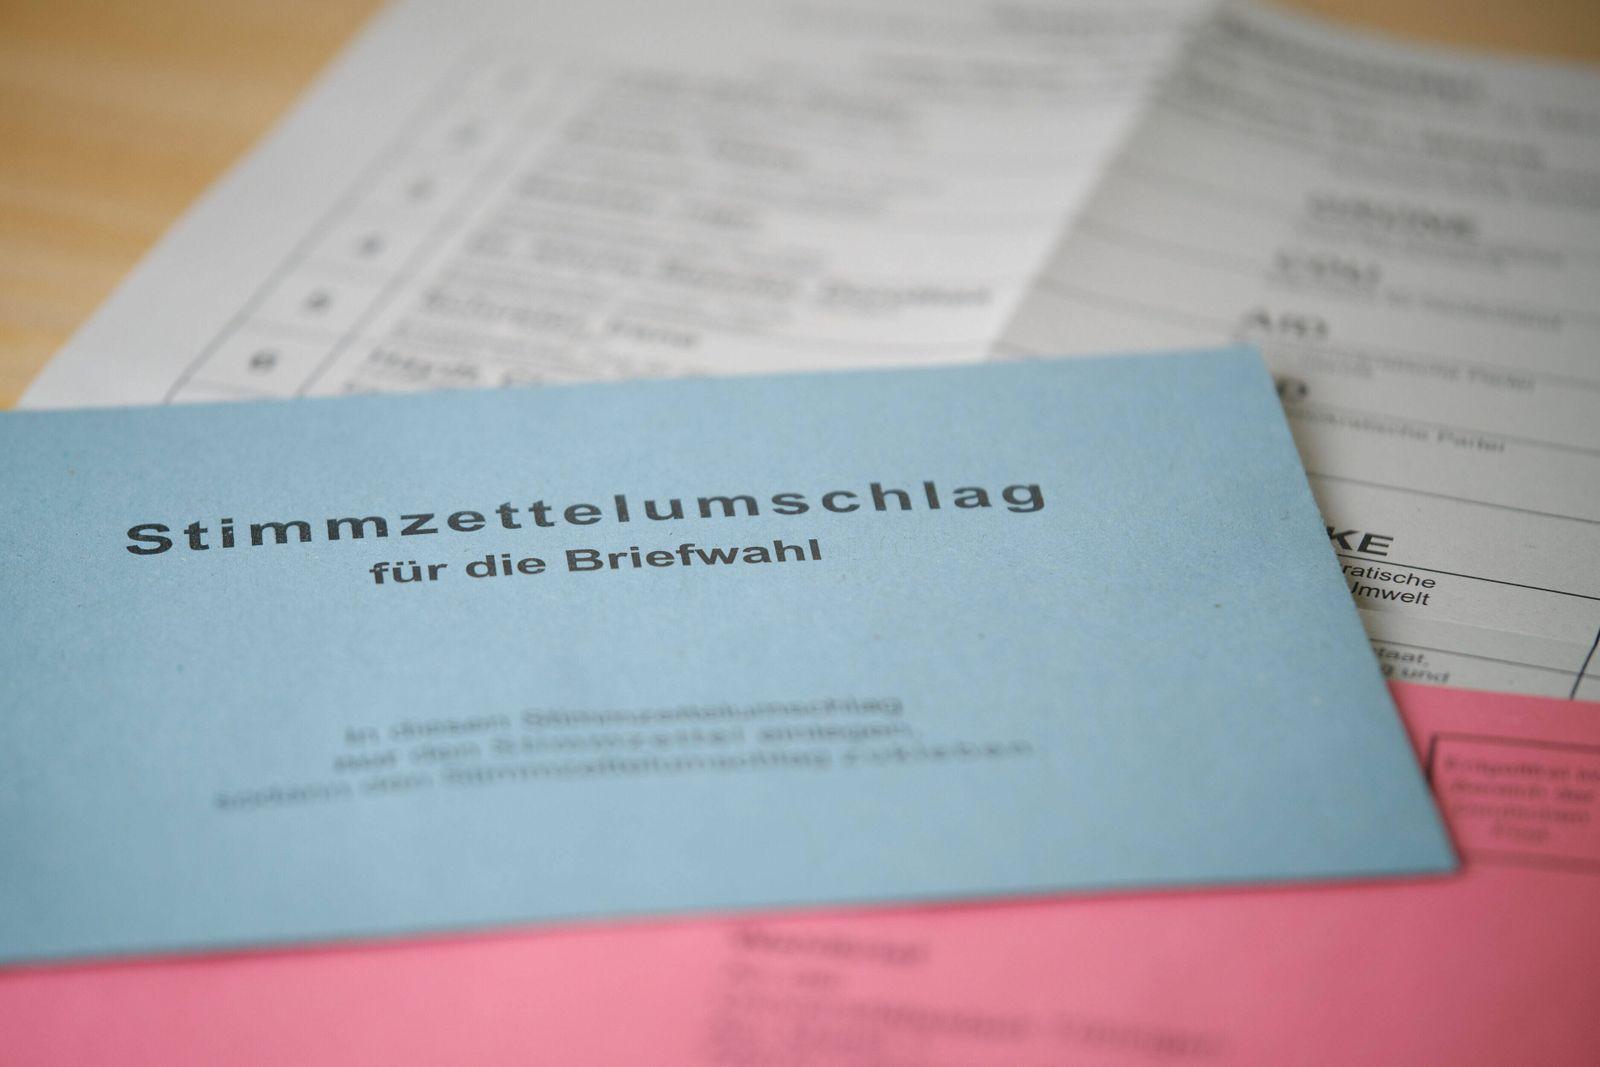 Briefwahlunterlagen Landtagswahl BW, 09.03.2021 Briefwahlunterlagen fuer die Landtagswahl in Baden-Wuerttemberg am 14.